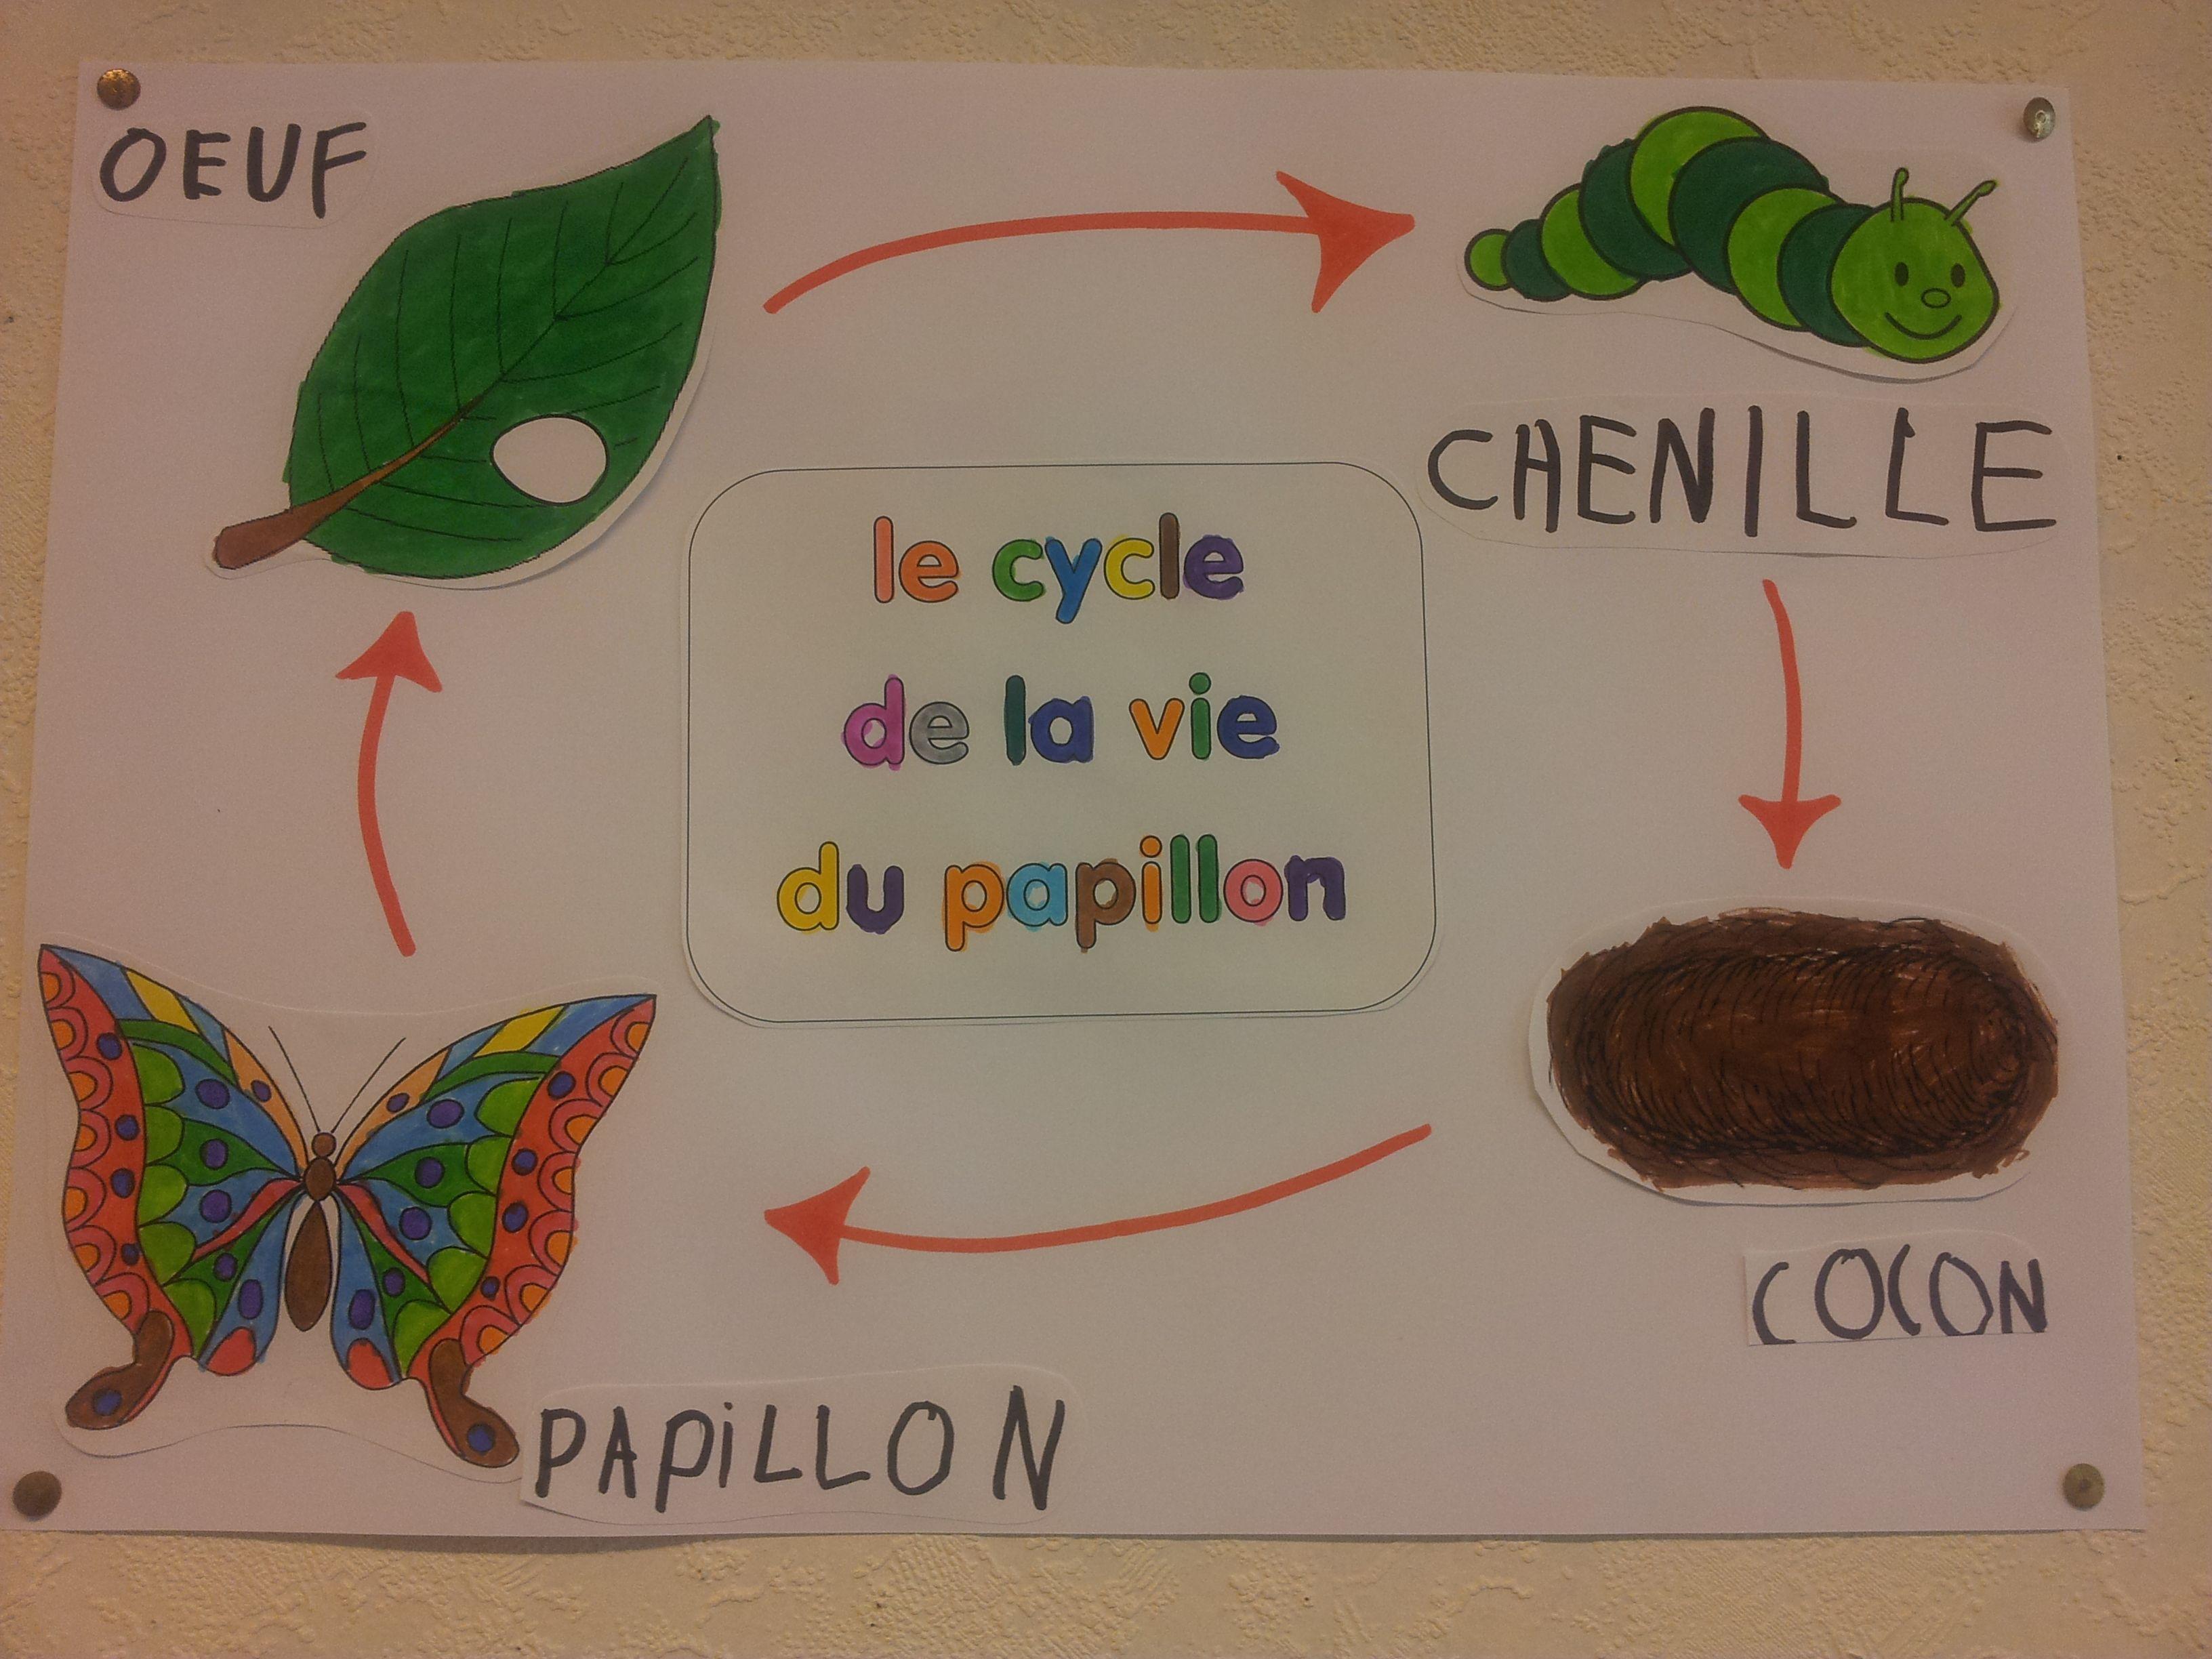 Le cycle de la vie du papillon escola pinterest - Papillon maternelle ...